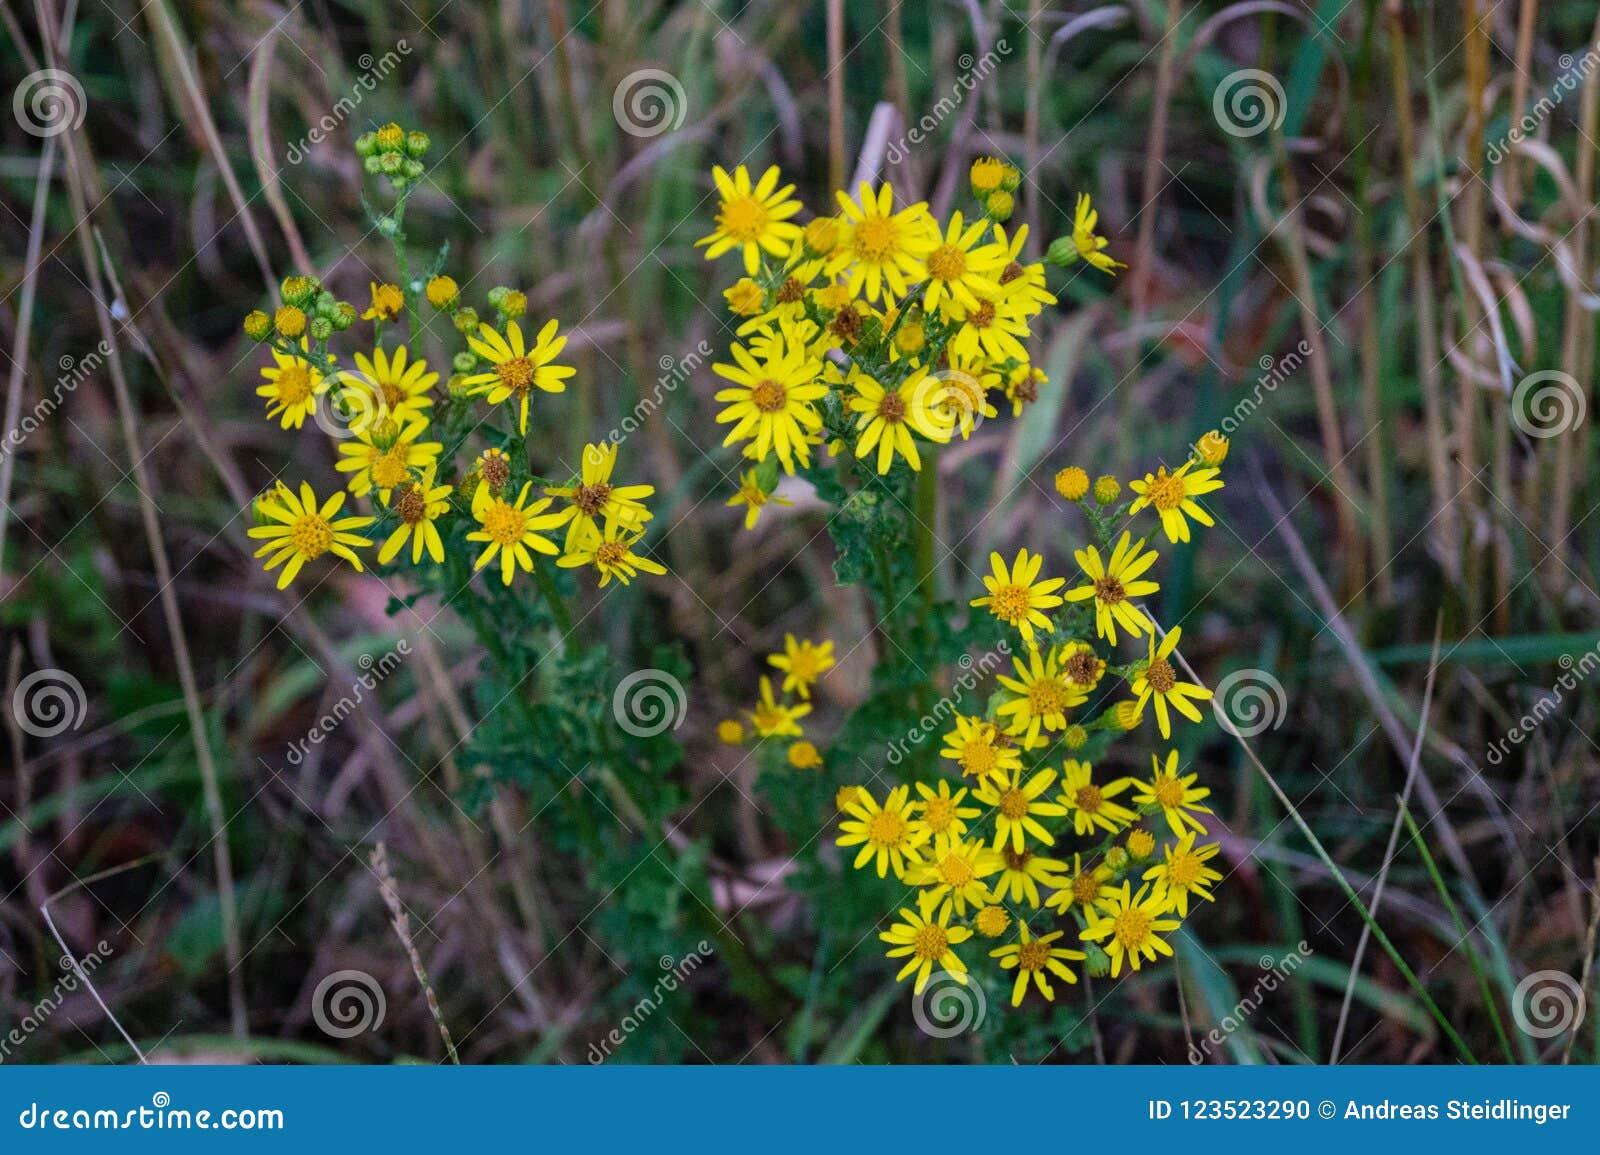 Poisonous Senecio Jacobaea Stock Photo Image Of Common 123523290